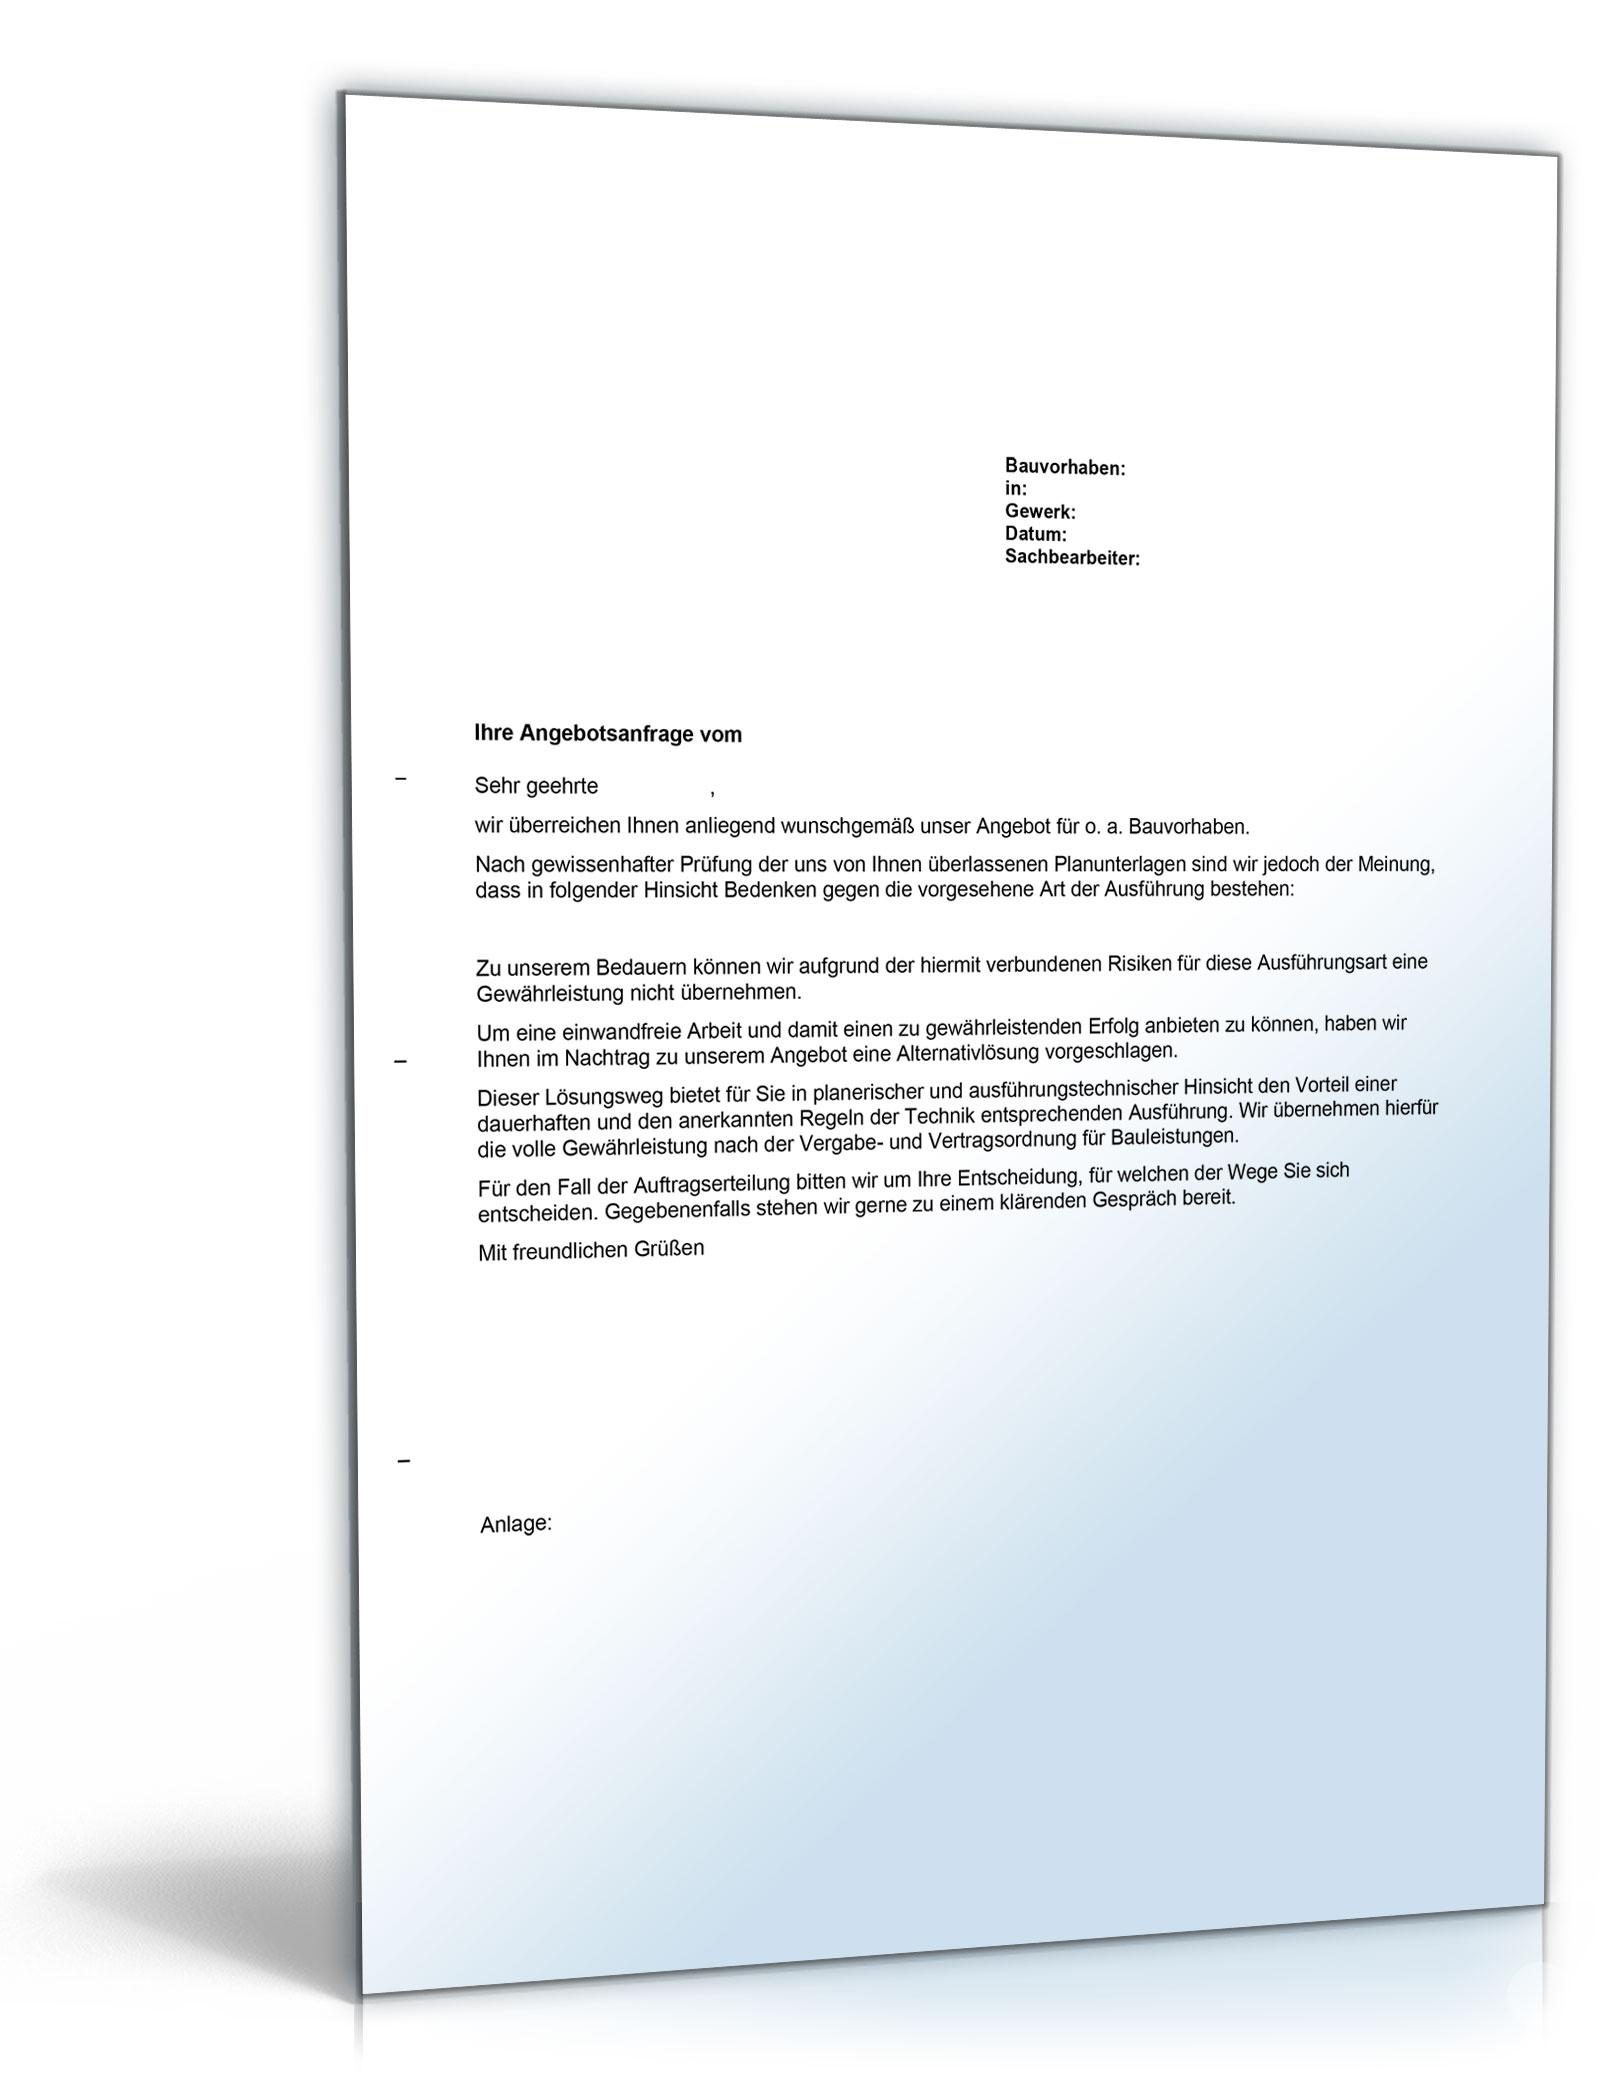 Bedenkenanmeldung Gegen Die Ausführungsunterlagen Bei Angebotsabgabe